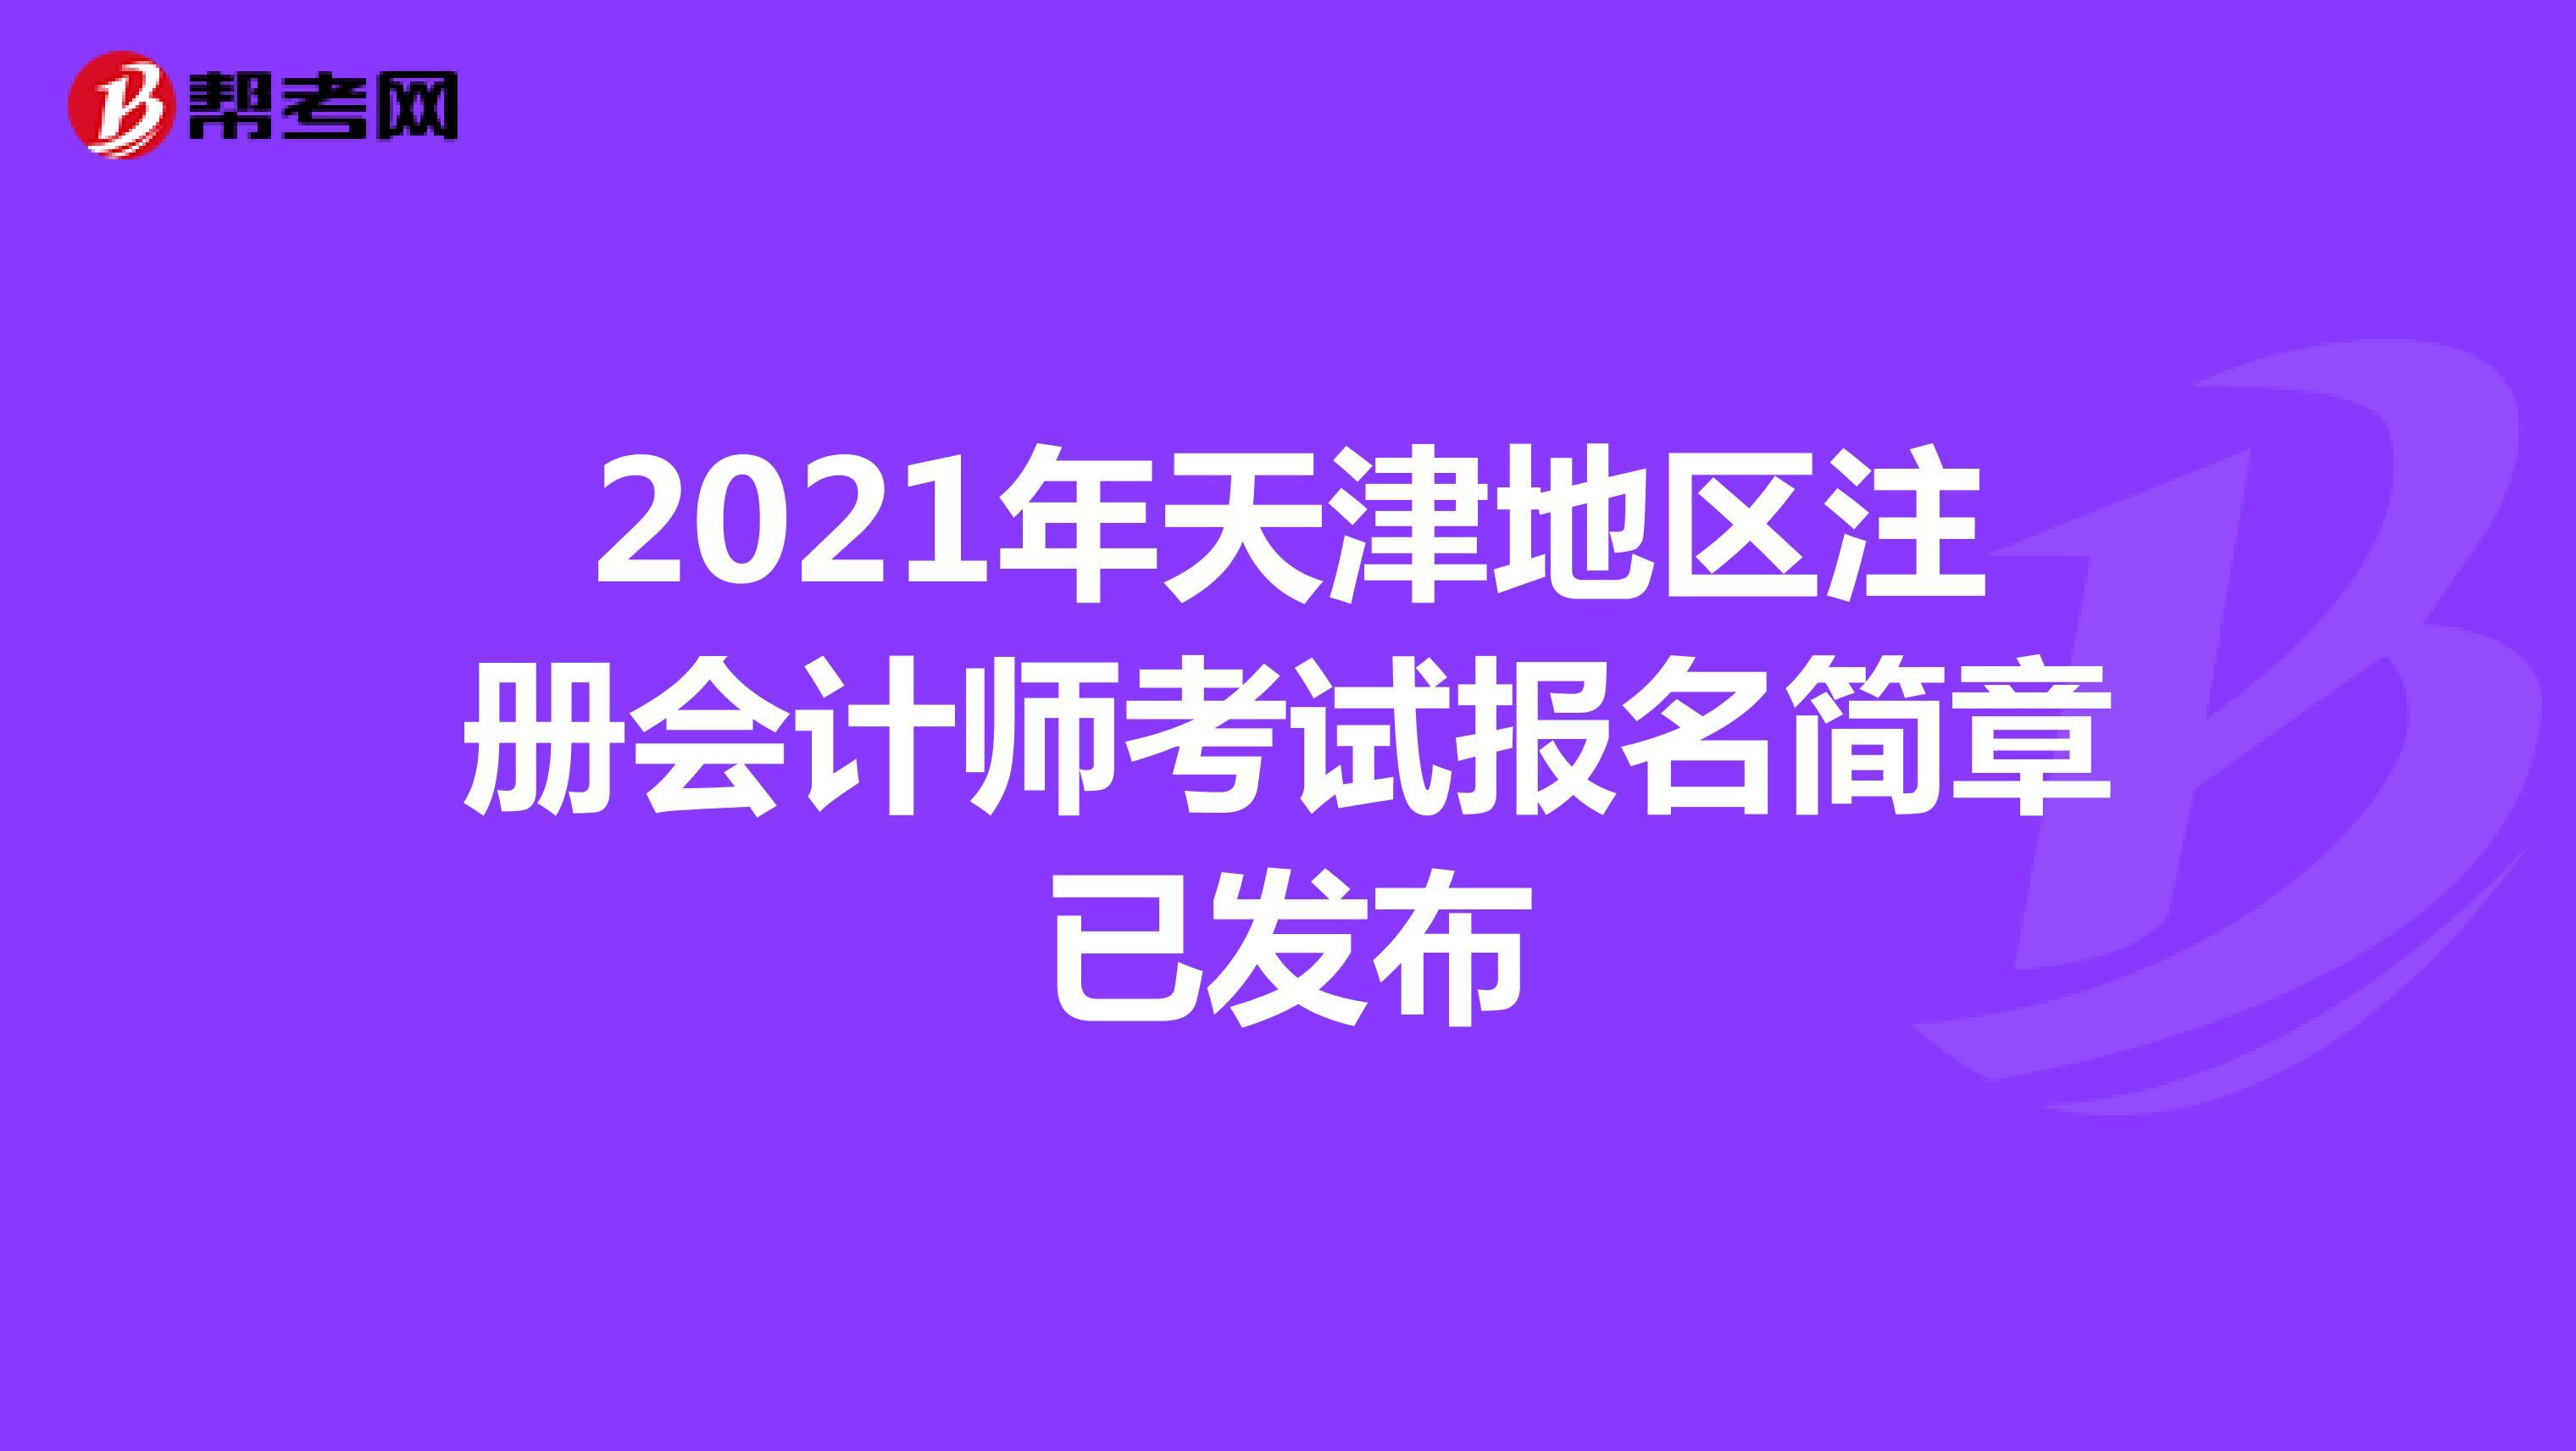 2021年天津地区【hot88热竞技提款】注册会计师考试报名简章已发布